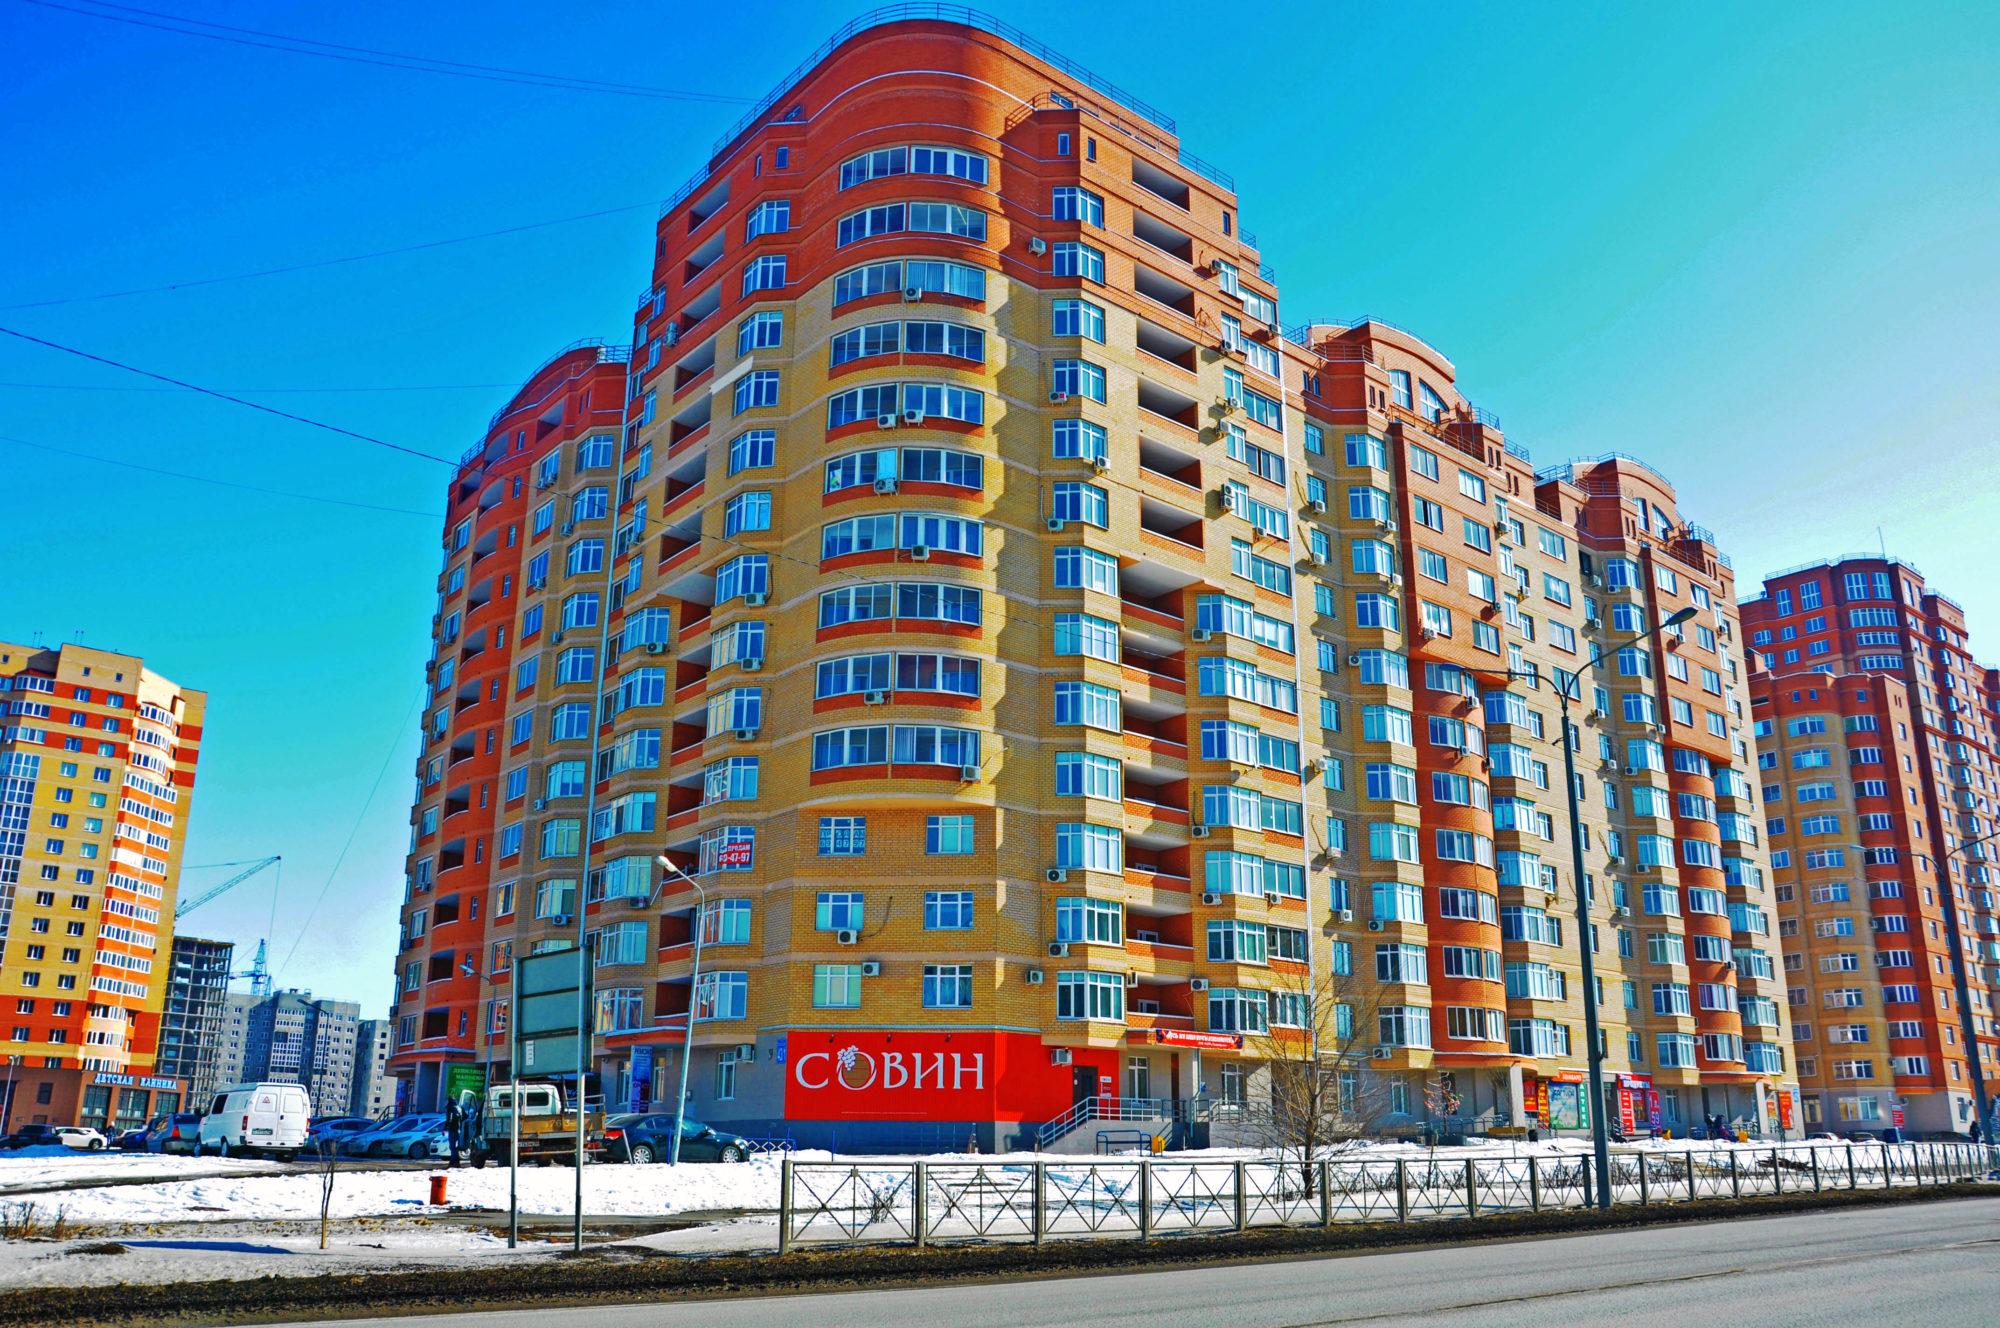 МКД по адресу ул. Салмышская д. 43/1, г. Оренбург обслуживает АНО УКЖФ Звездный городок